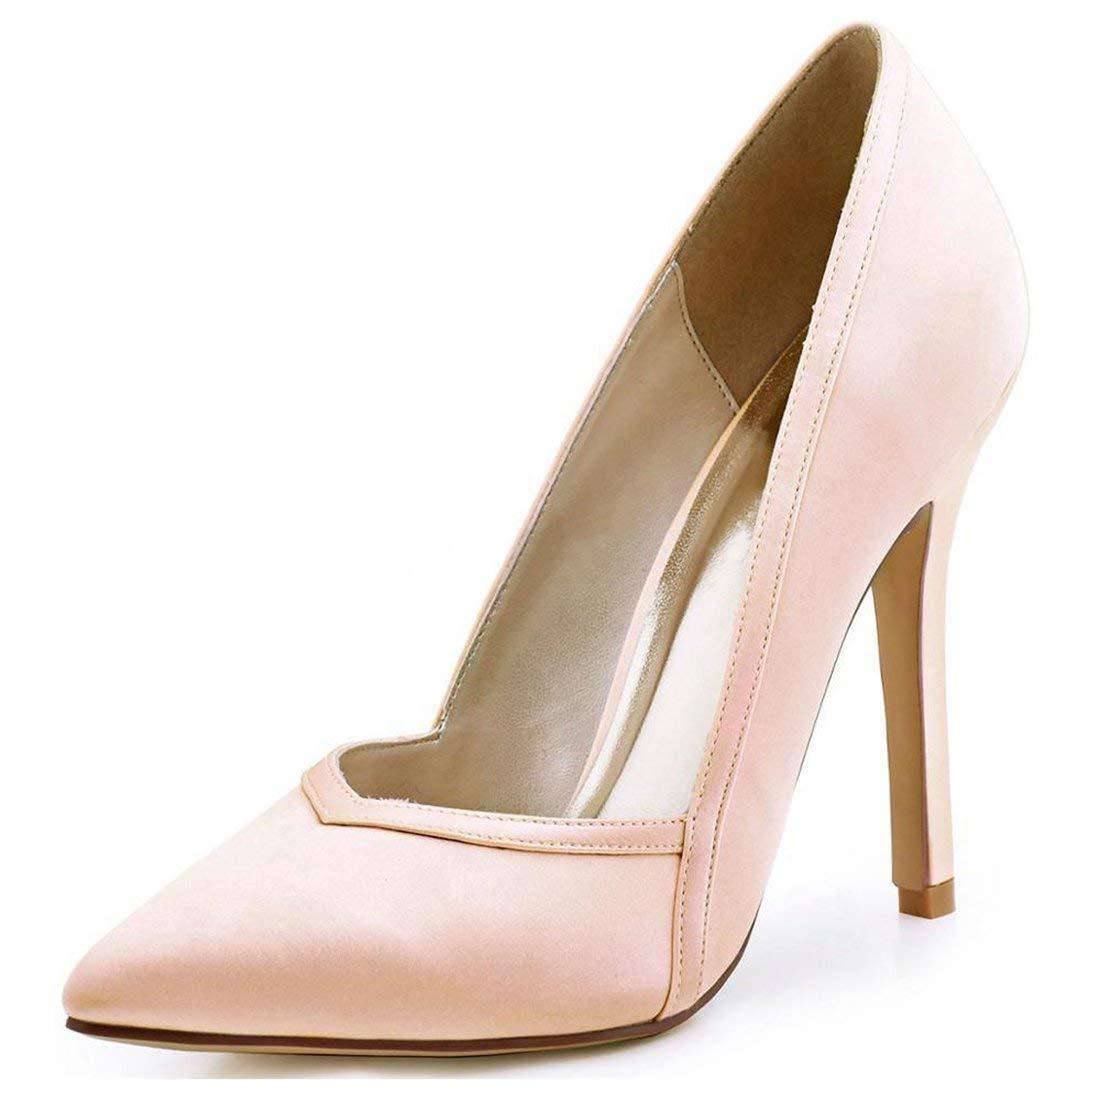 HhGold Damen Spitz Stiletto High Heel Rosa Rosa Rosa Satin Hochzeit Abend Pumps UK 6.5 (Farbe   -, Größe   -) e7c801